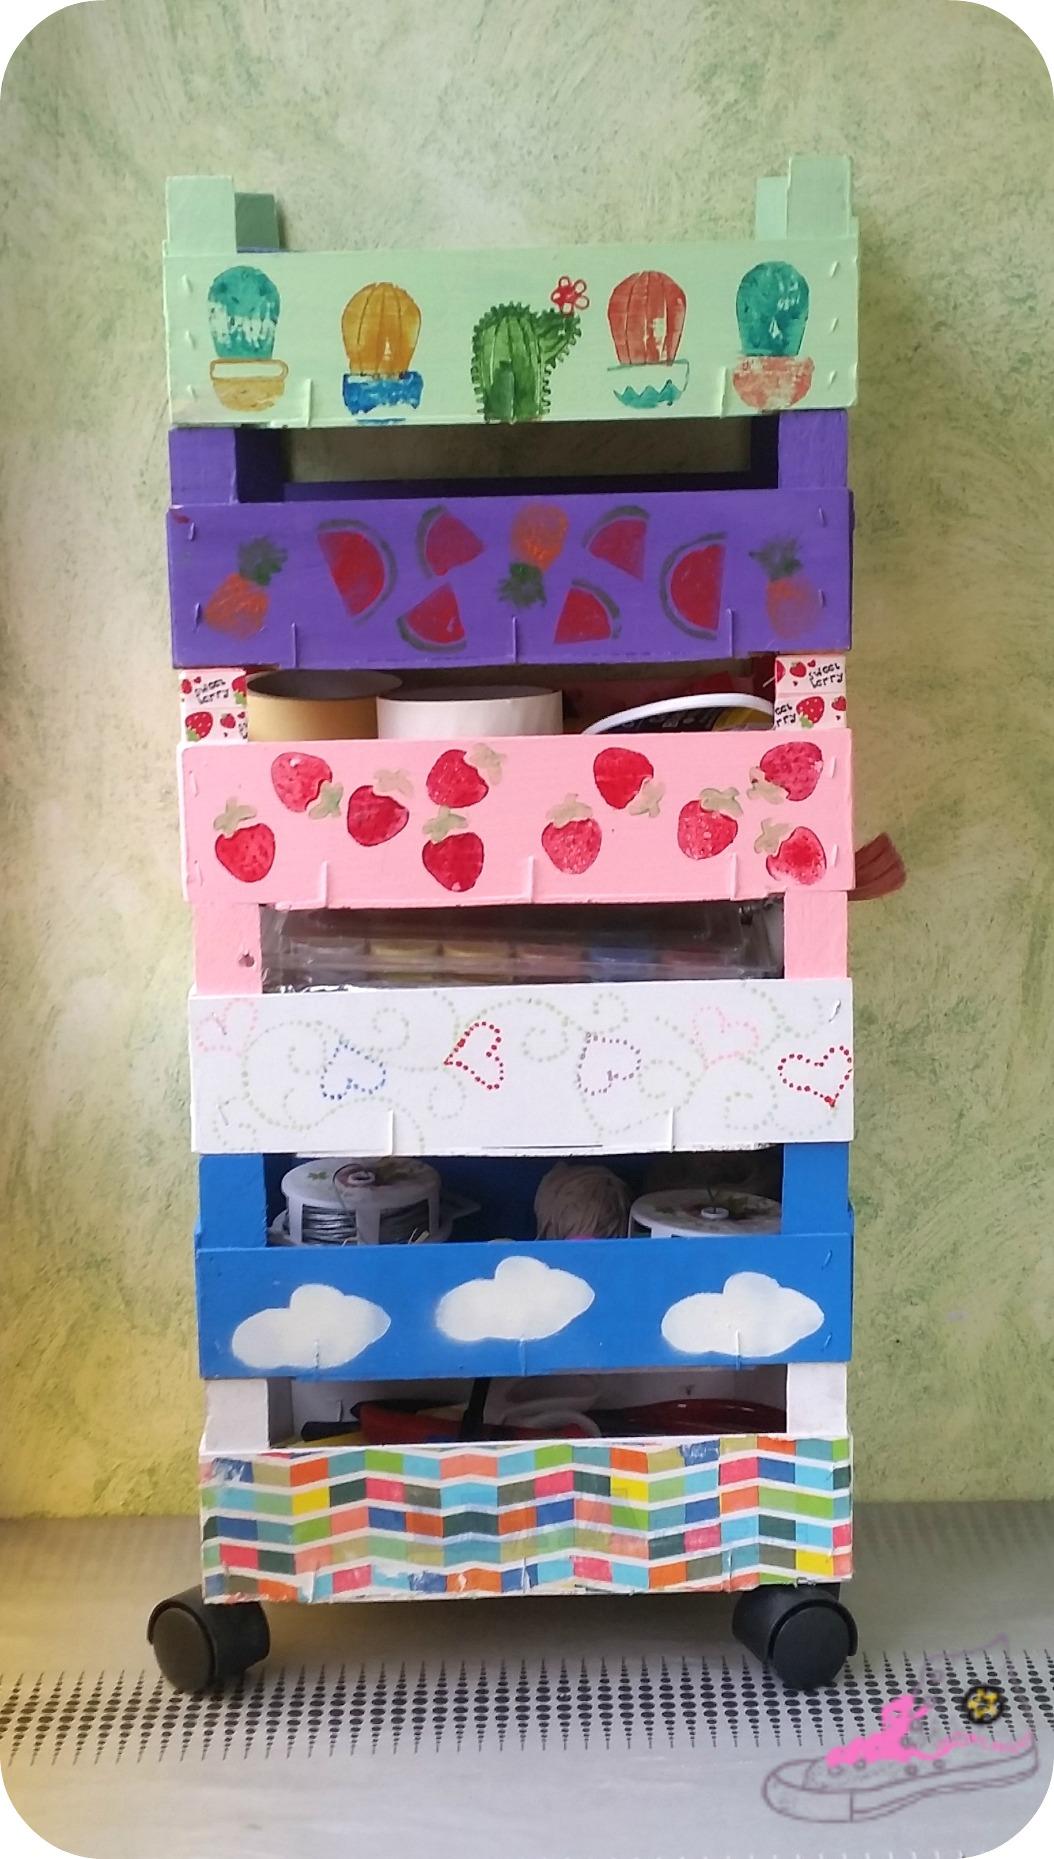 cajas de fresas imitando mueble ikea